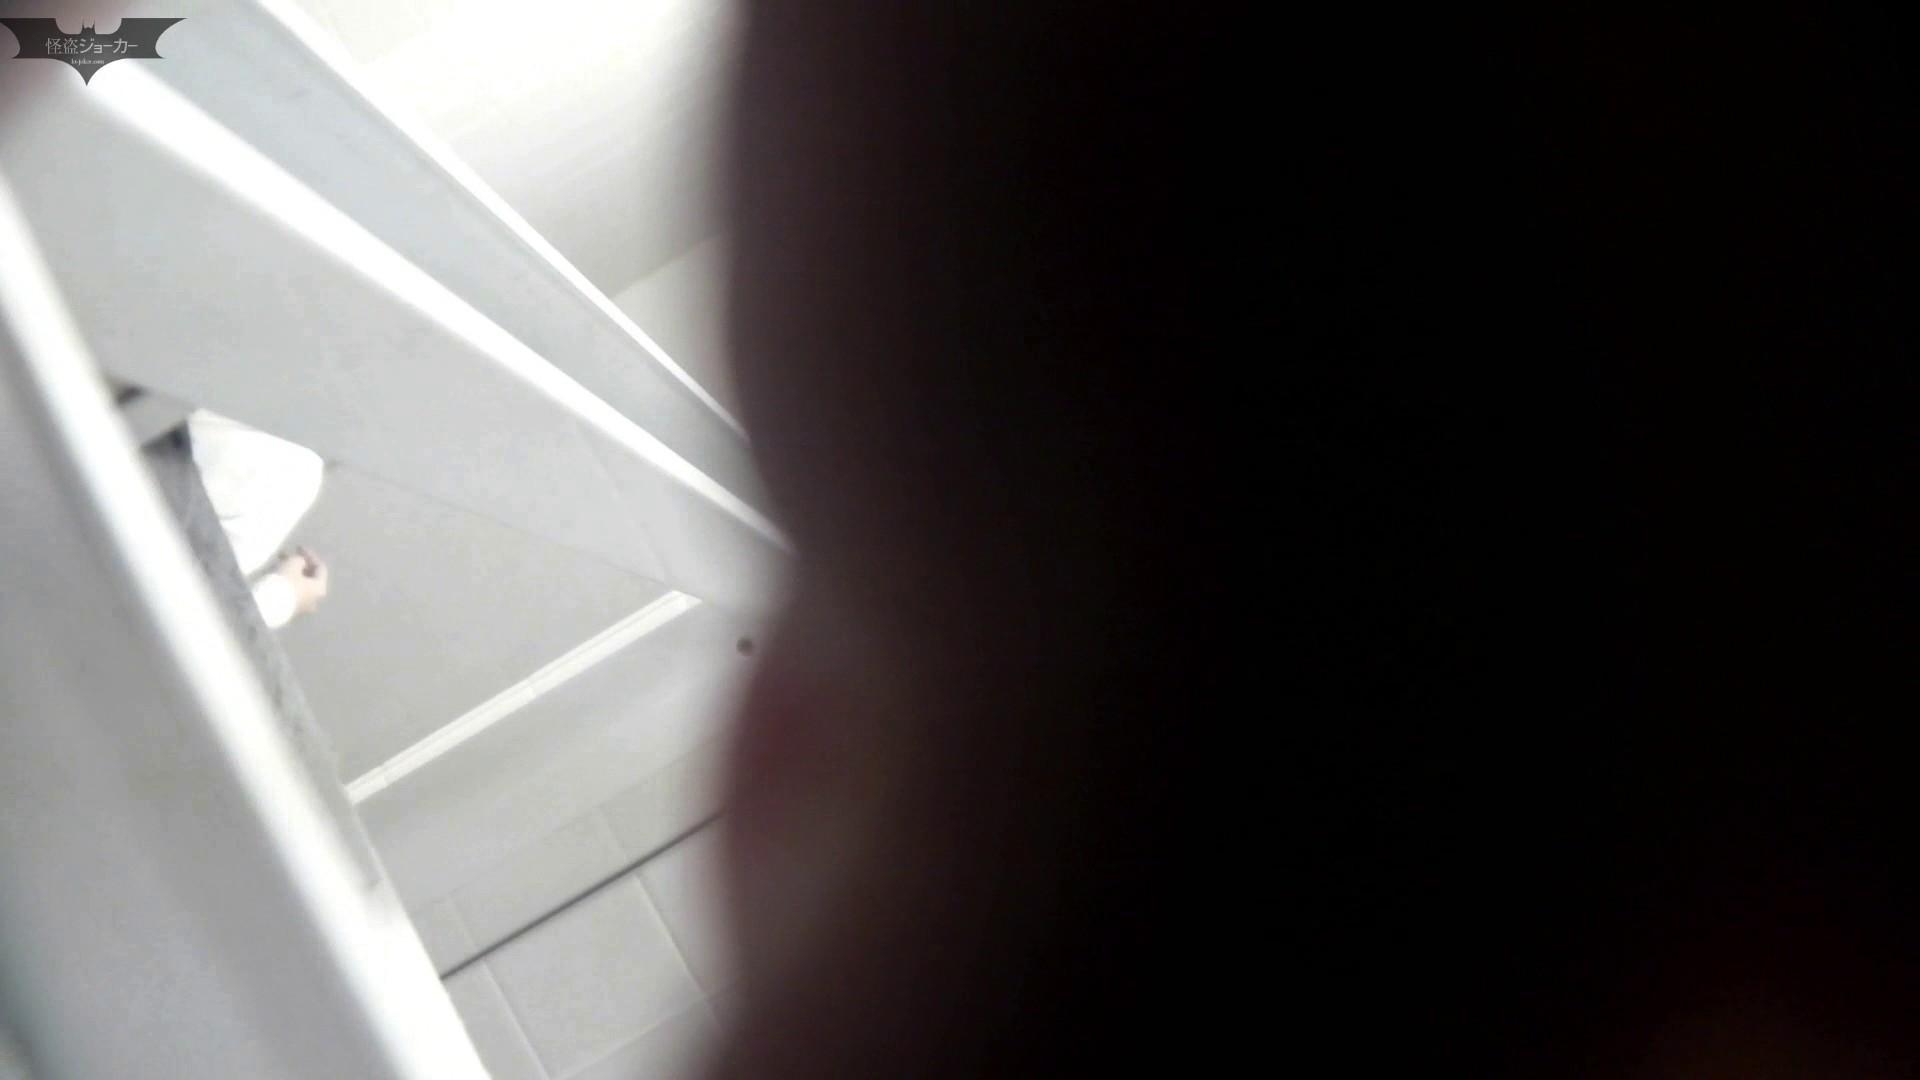 お銀さんの「洗面所突入レポート!!」 vol.53 冬到来!美女も到来! 美女のボディ | 洗面所  91PIX 77